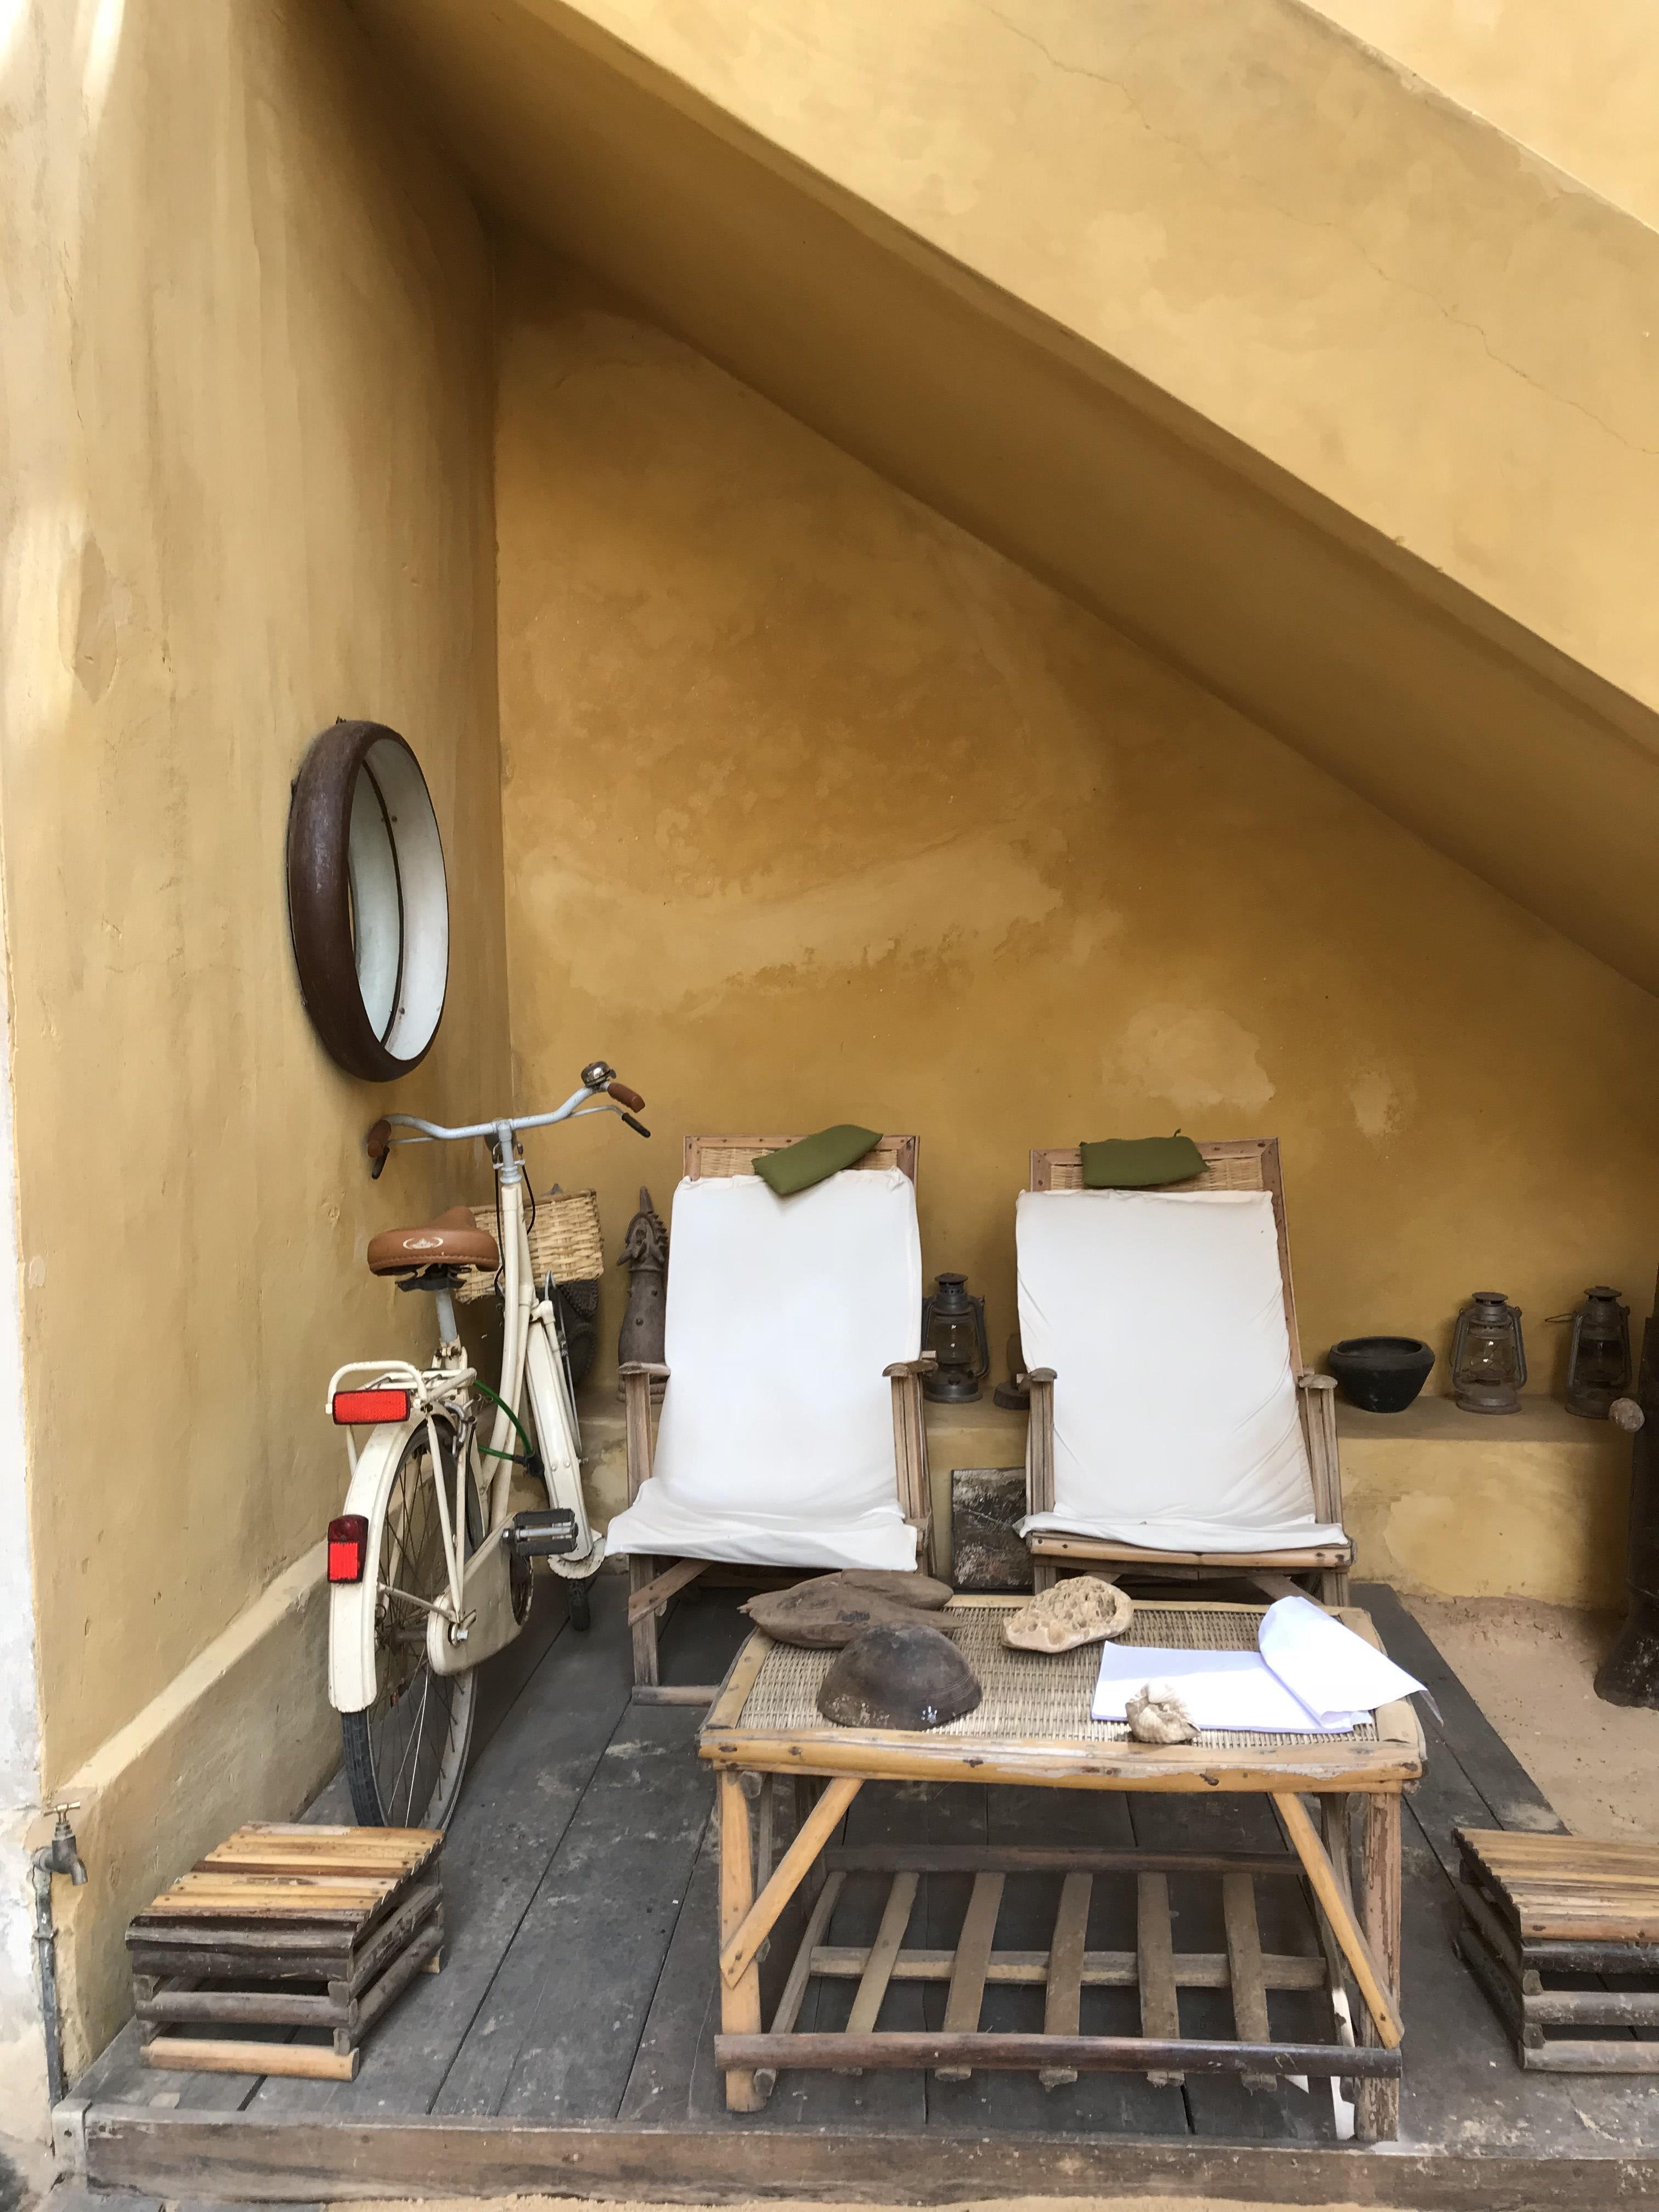 Our little spot of Dakar, Senegal